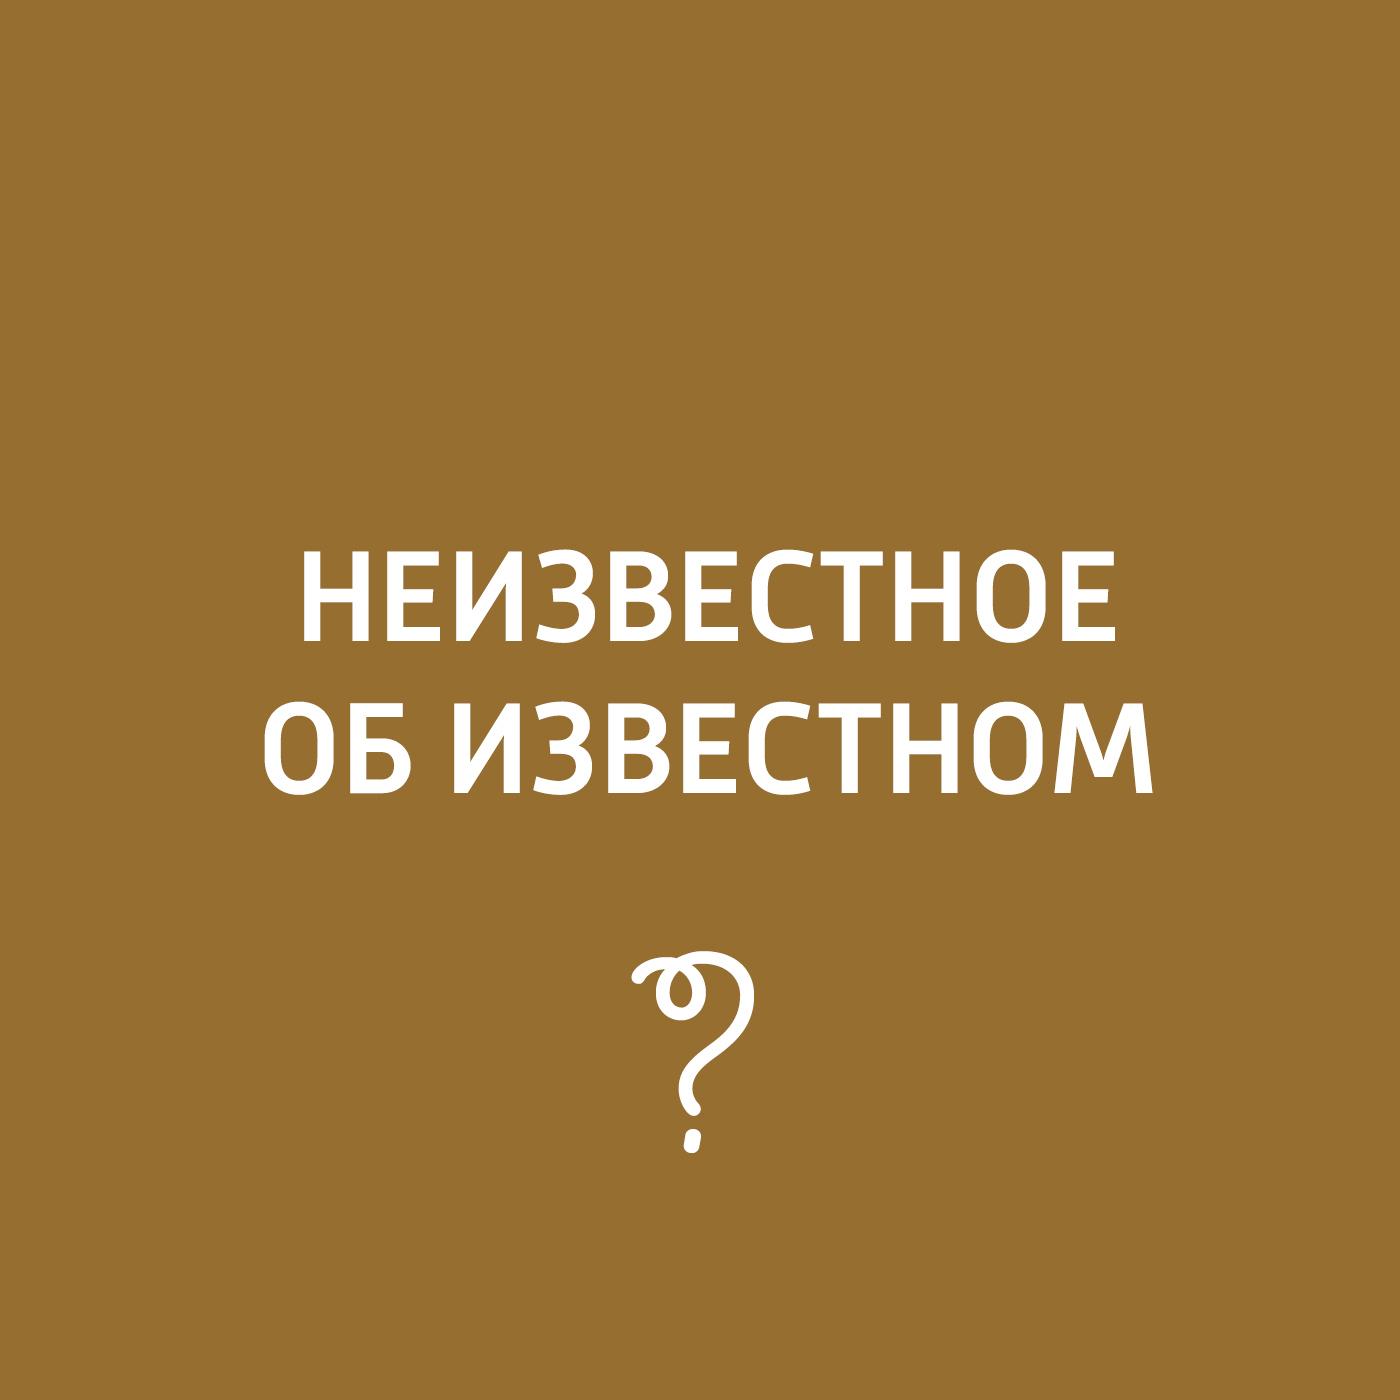 Творческий коллектив программы «Пора домой» Президенты горы Рашмор: Джефферсон, Вашингтон, Рузвельт, Линкольн монета номиналом 1 доллар президенты эндрю джонсон сша 2011 год